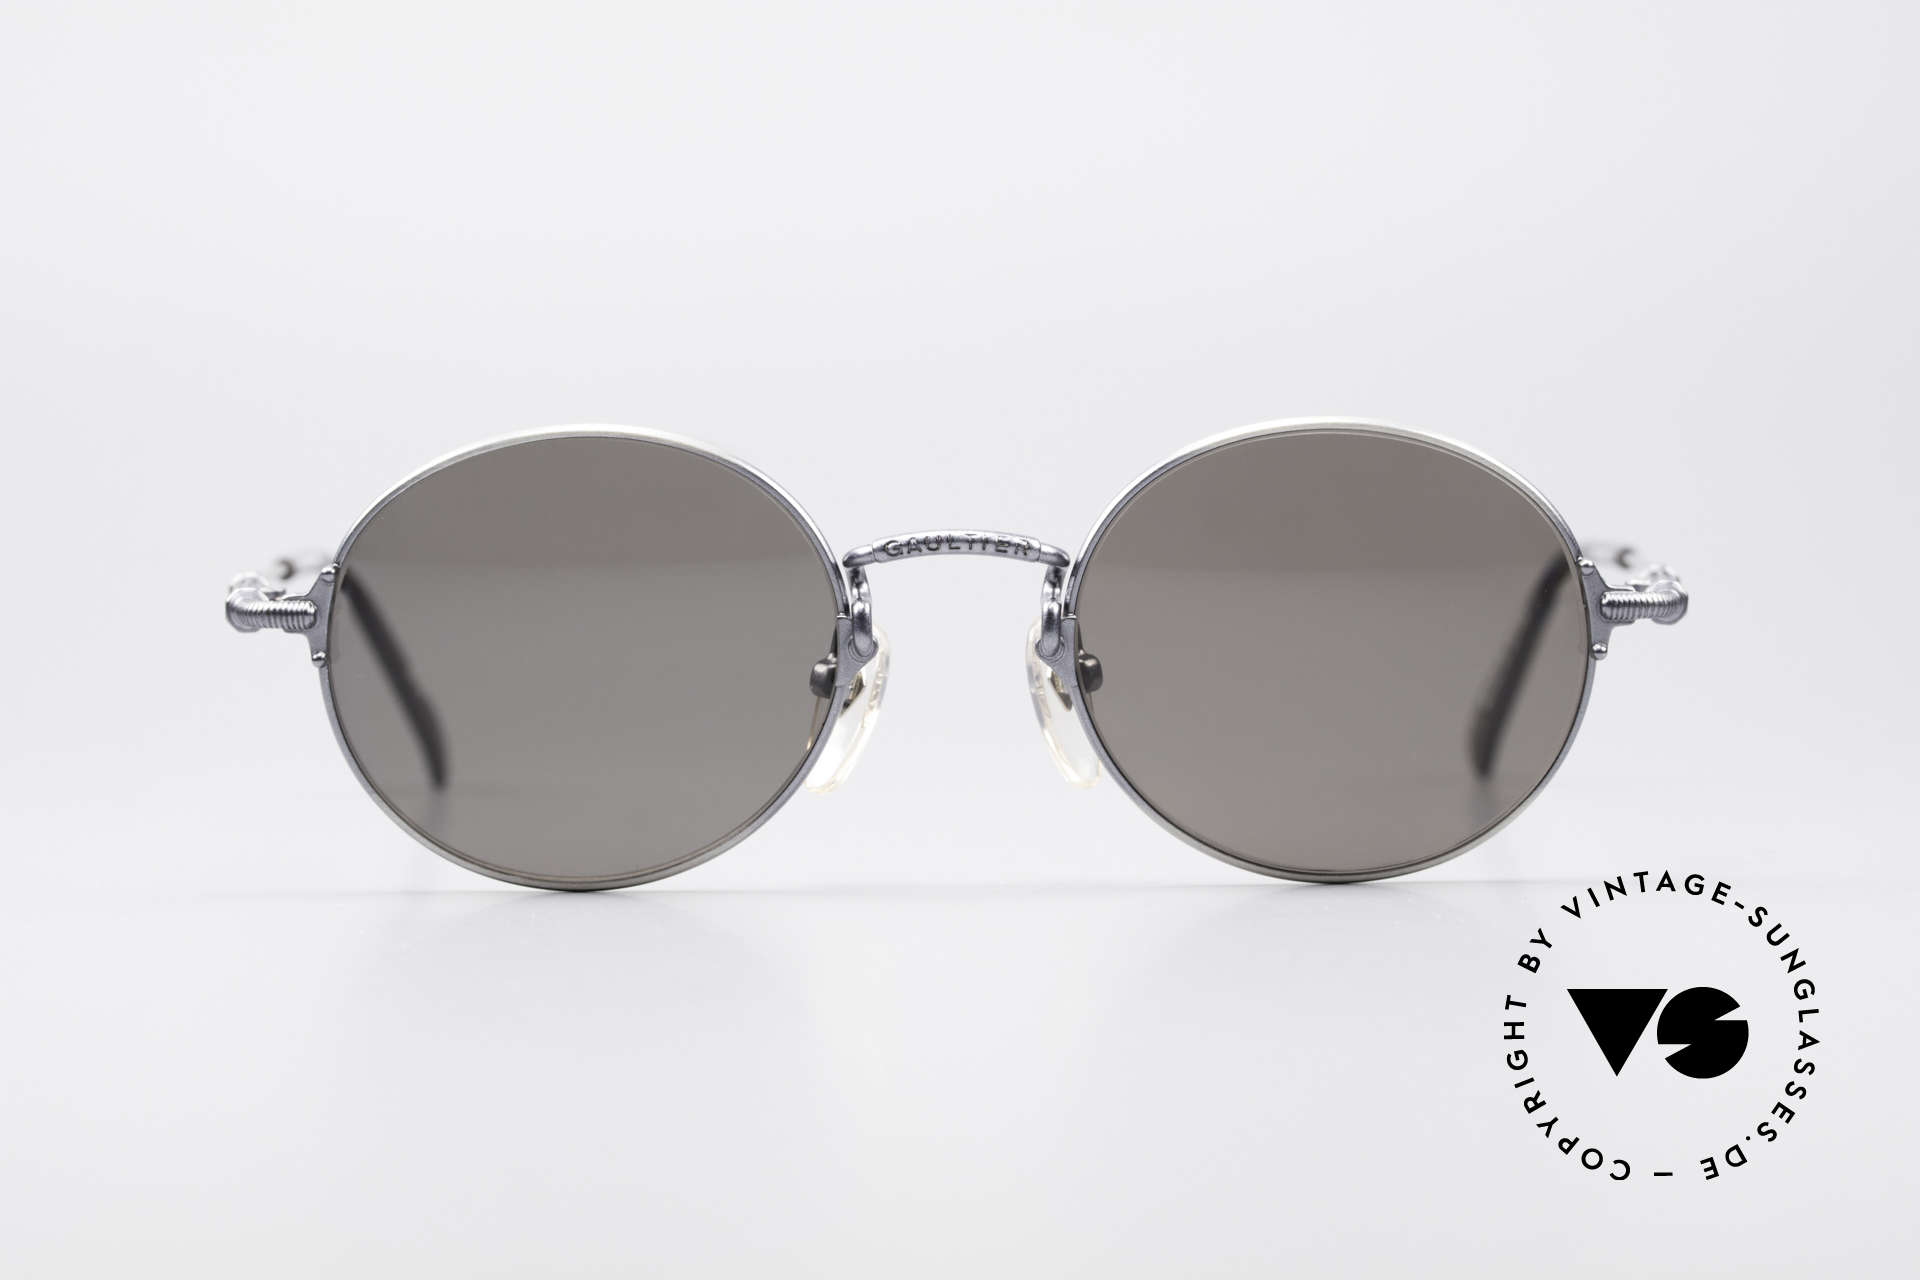 """Jean Paul Gaultier 55-6109 Kleine Brille Polarisierend, Metall-Fassung (SMALL Gr. 48/19) in """"smoke silver"""", Passend für Herren und Damen"""